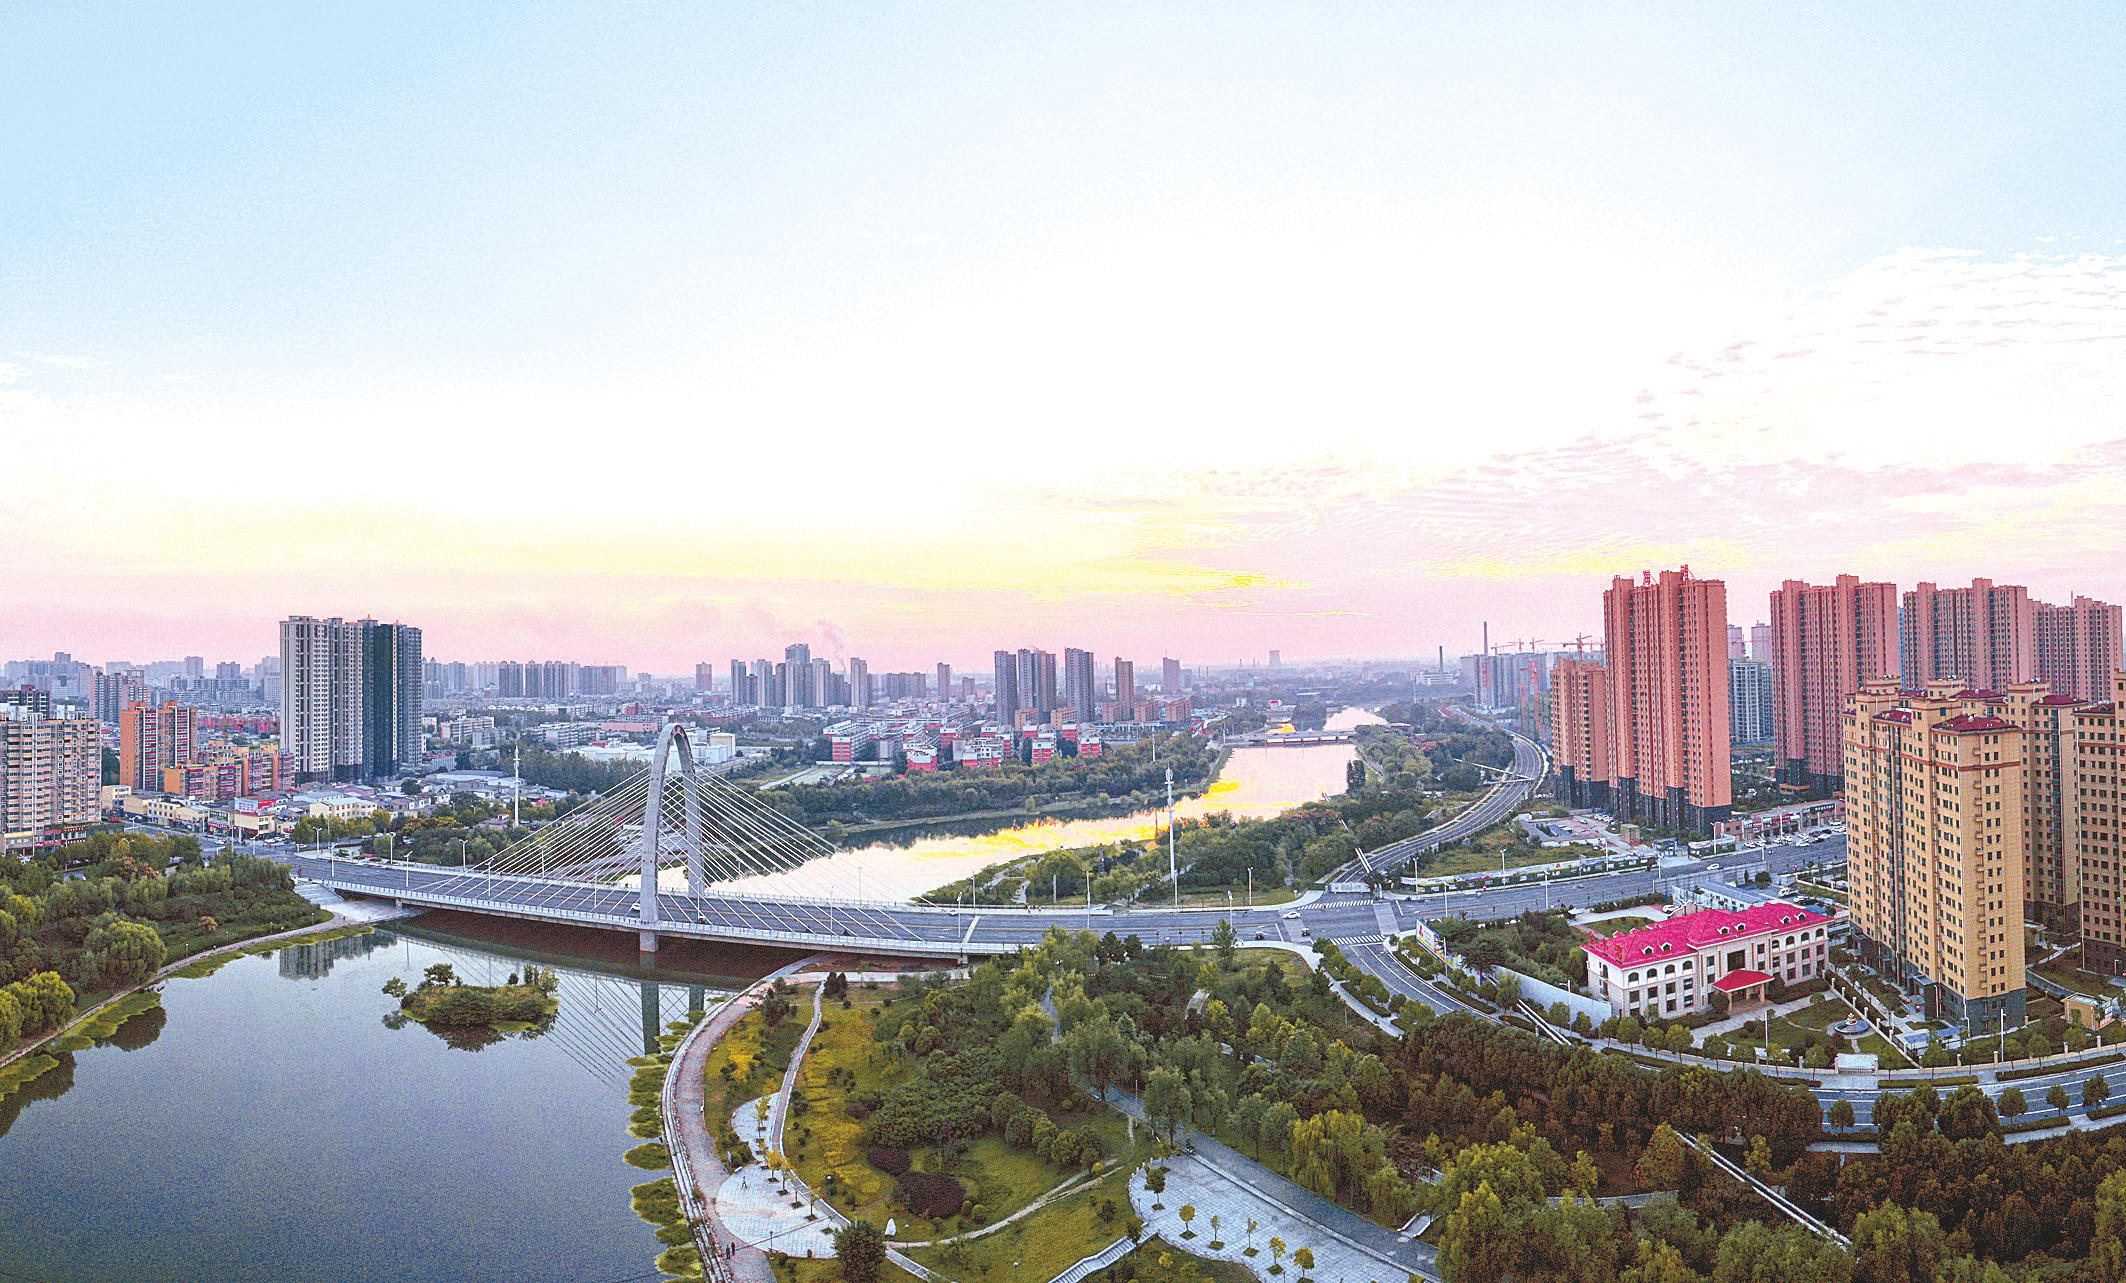 驻马店:提升城市形象 彰显城市魅力